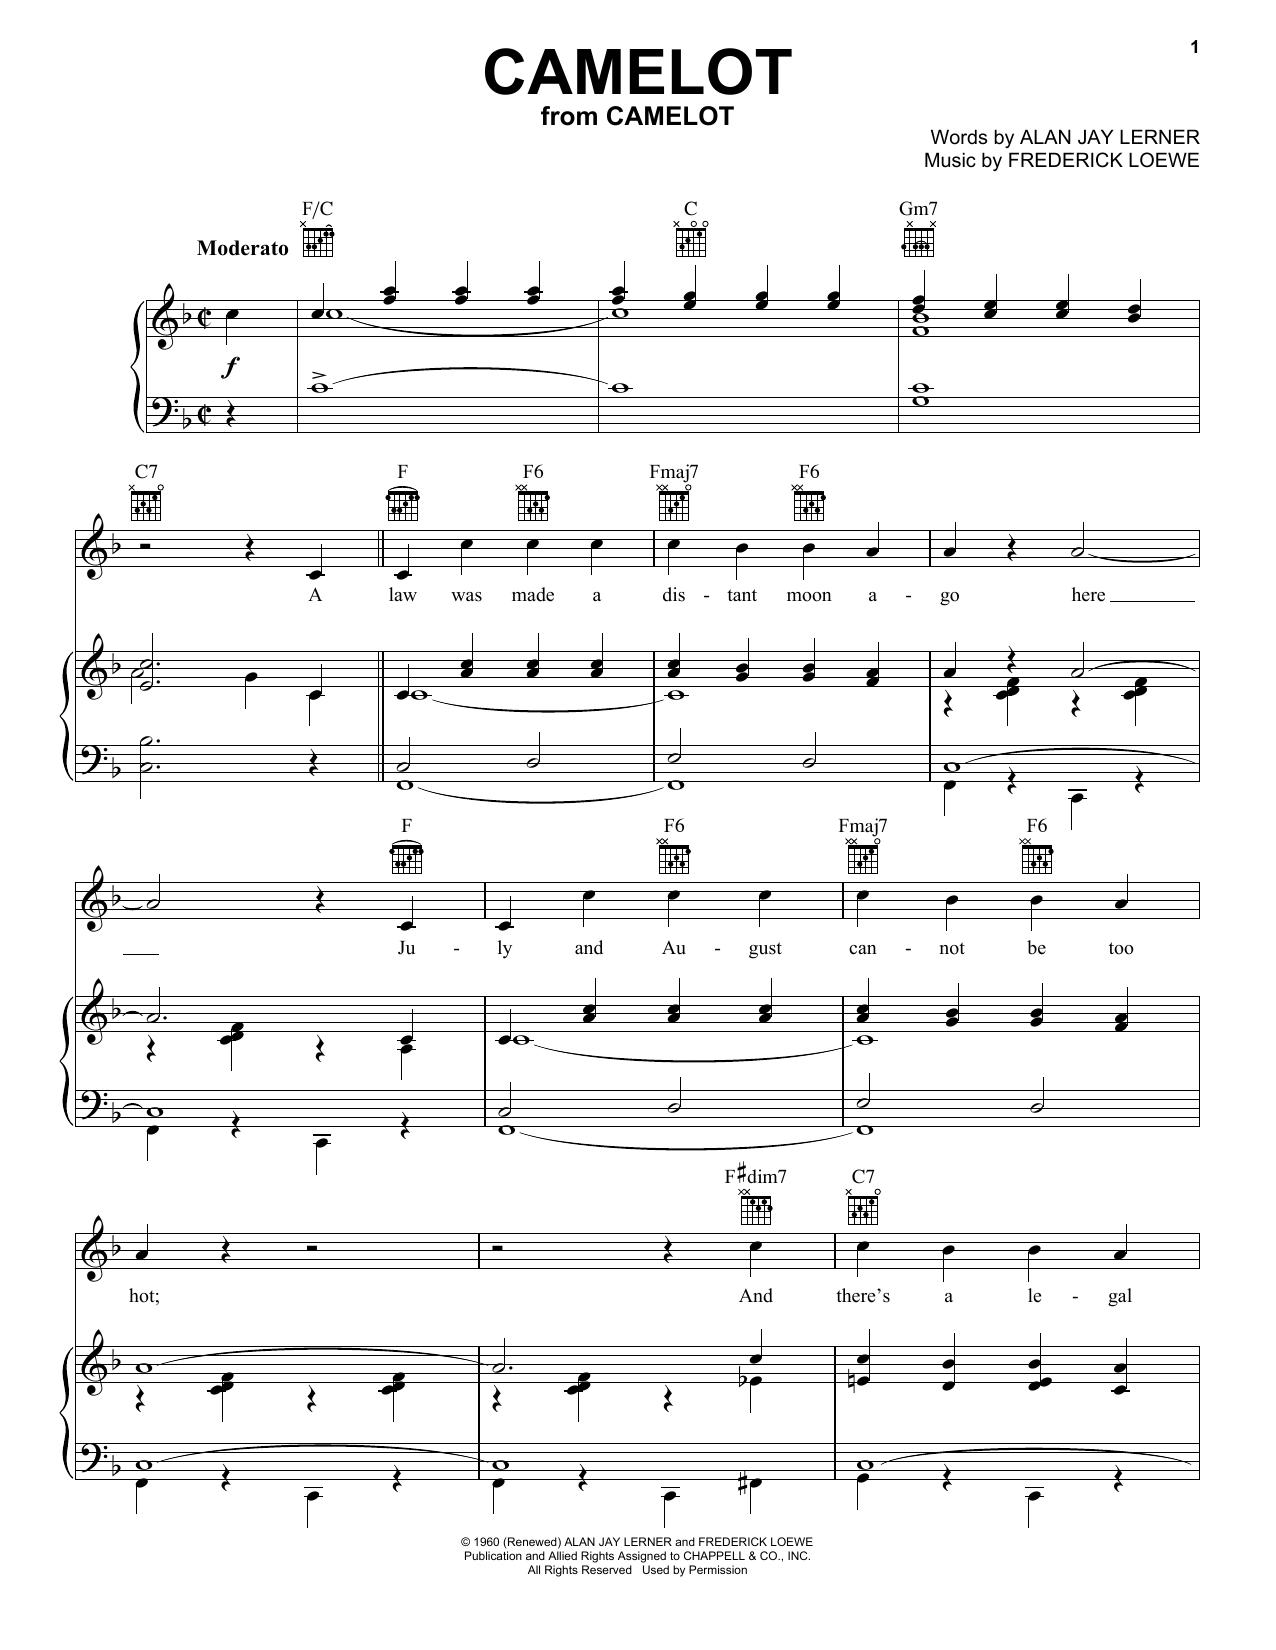 Camelot sheet music